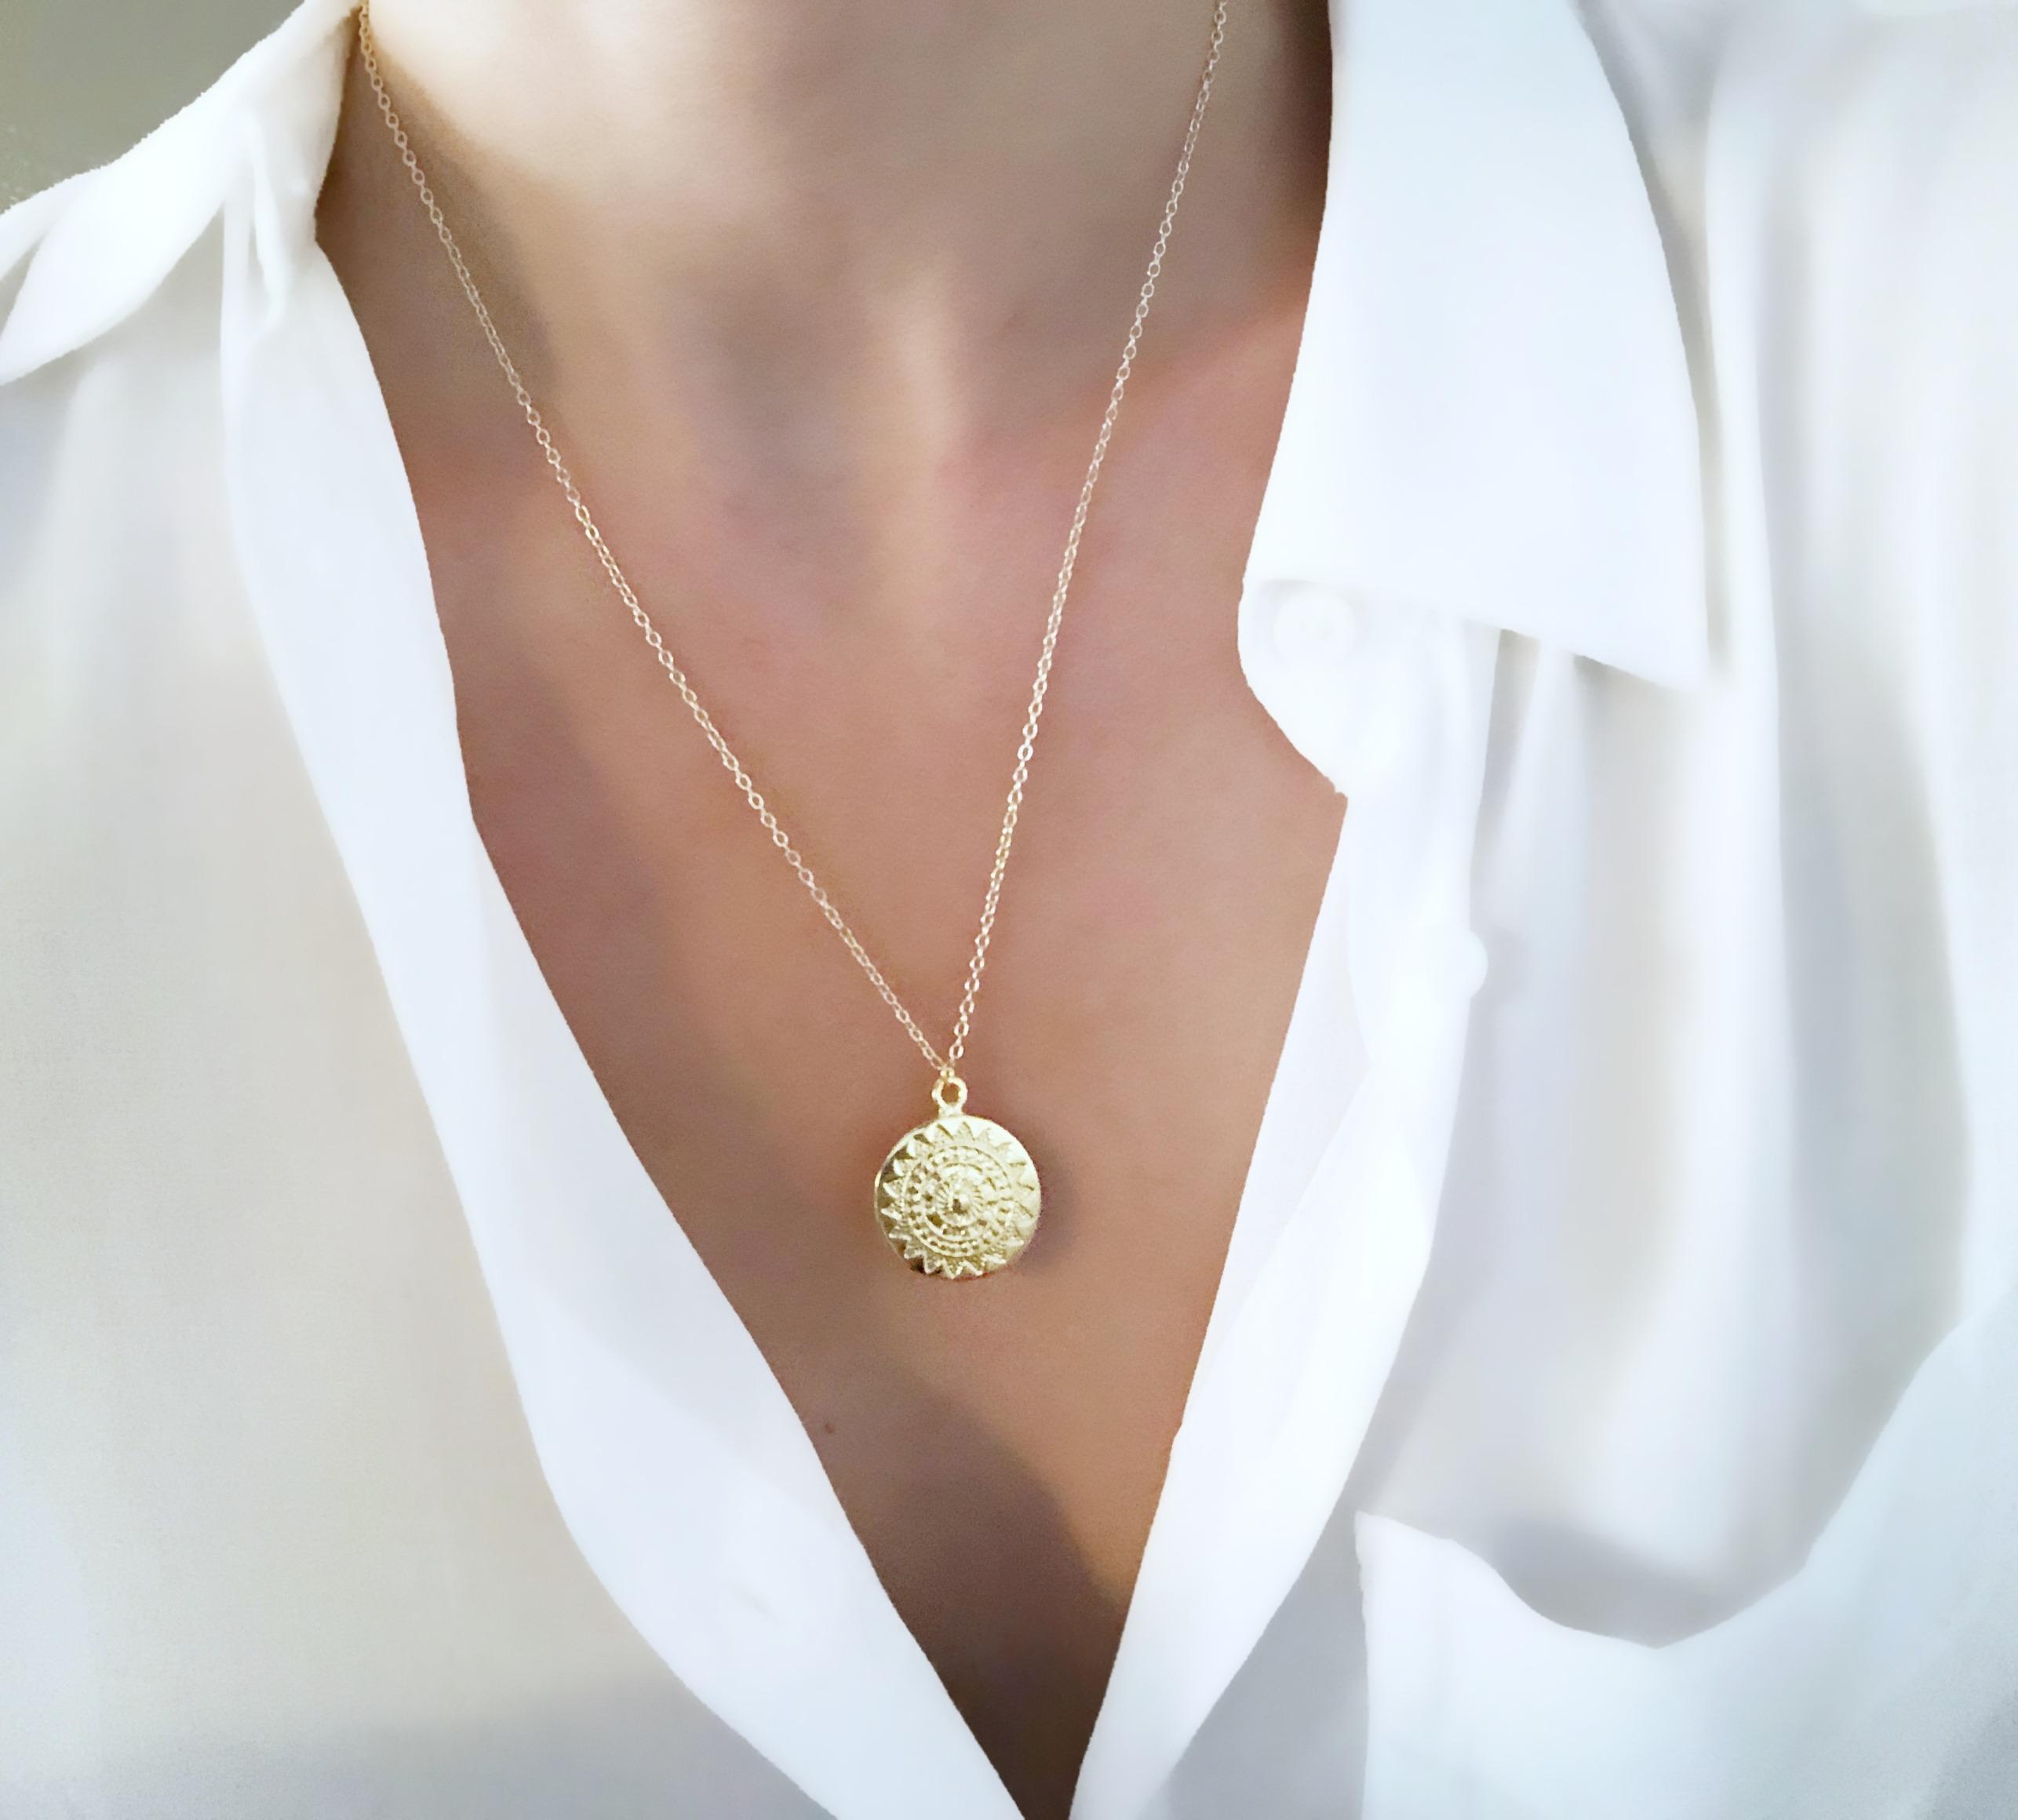 vente professionnelle 2019 authentique bien Collier médaille or